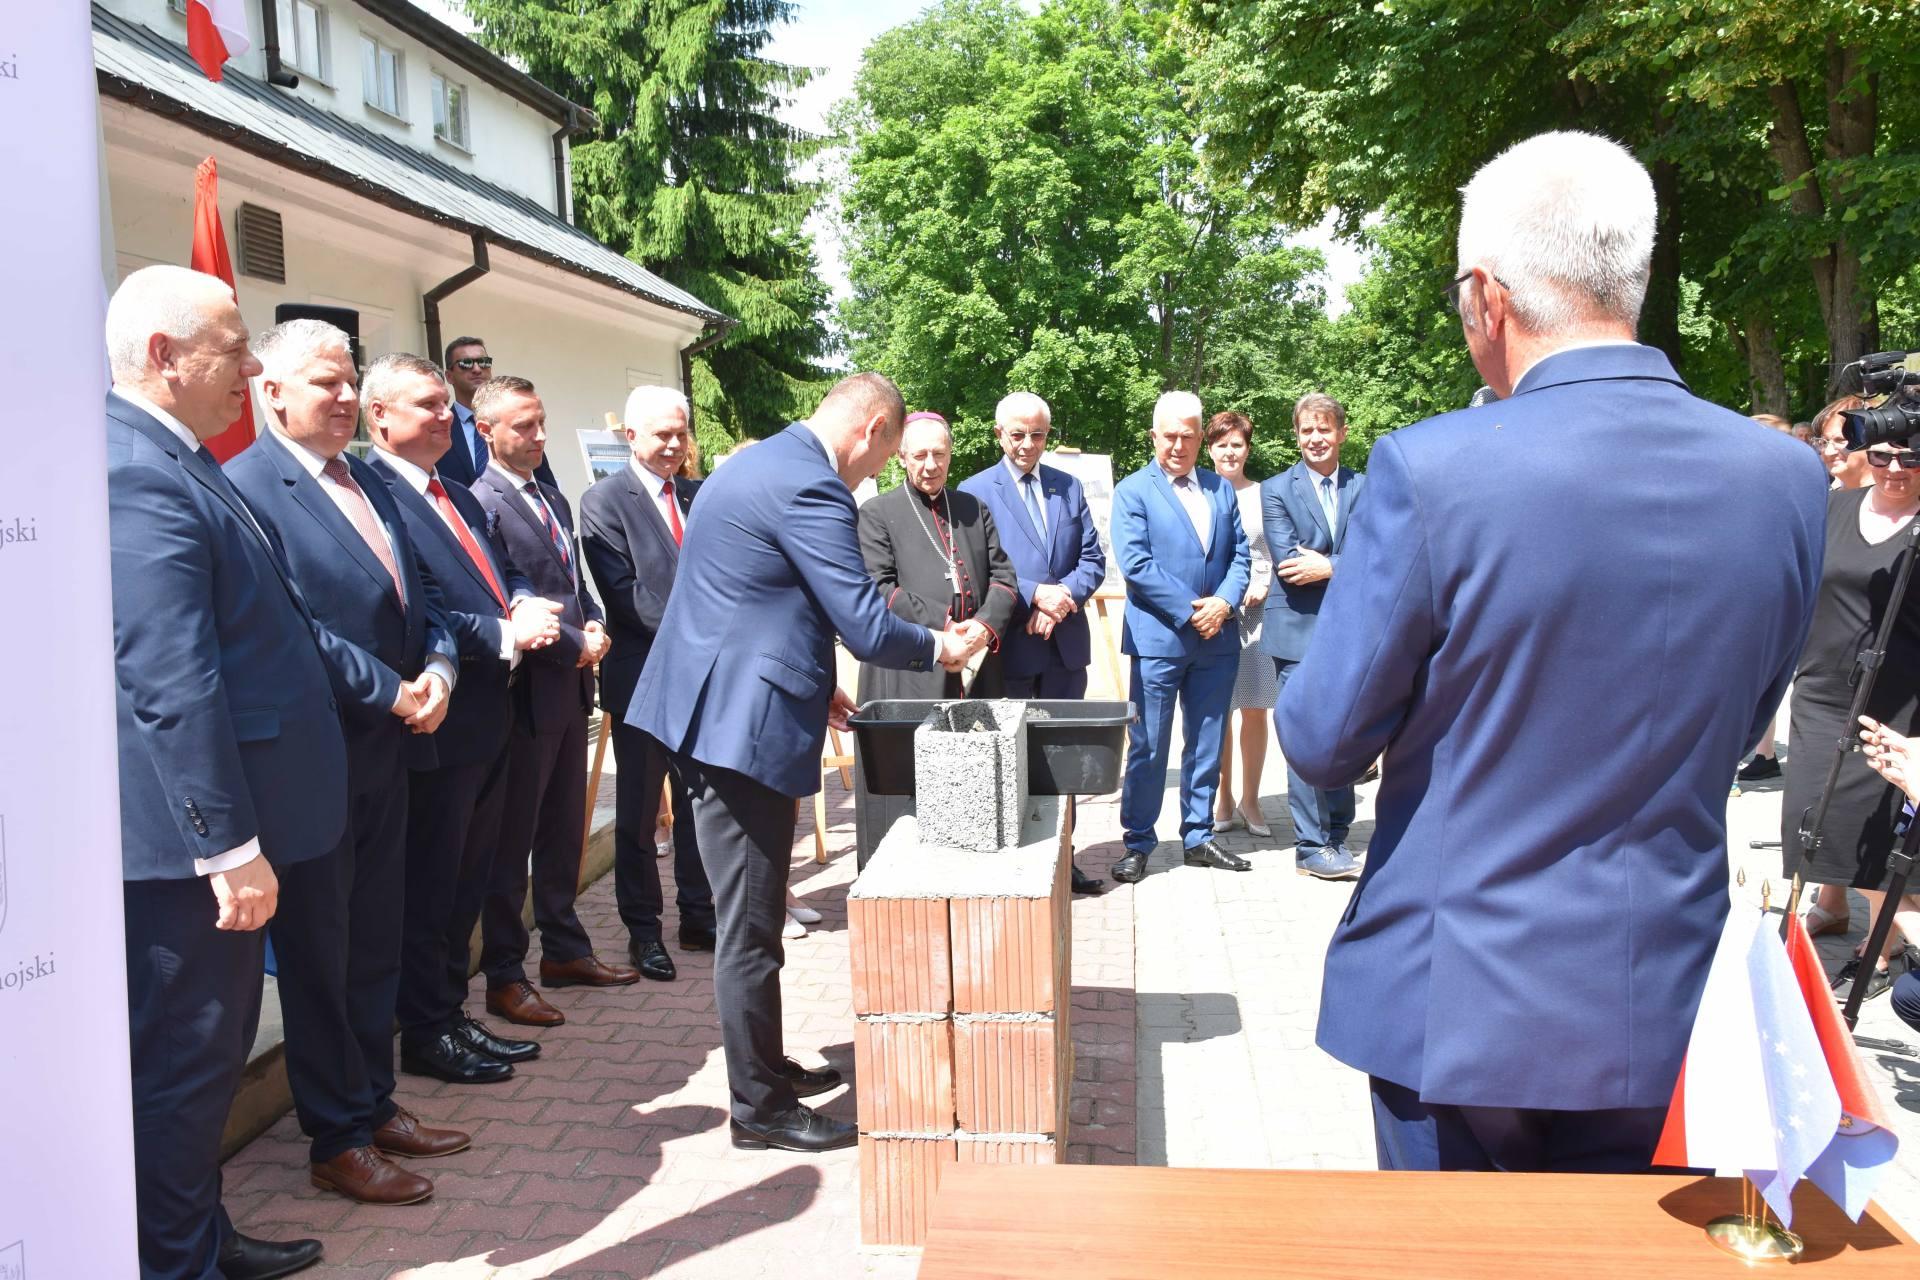 dsc 7611 Za 80 mln zł rozbudowane zostanie sanatorium w Krasnobrodzie.